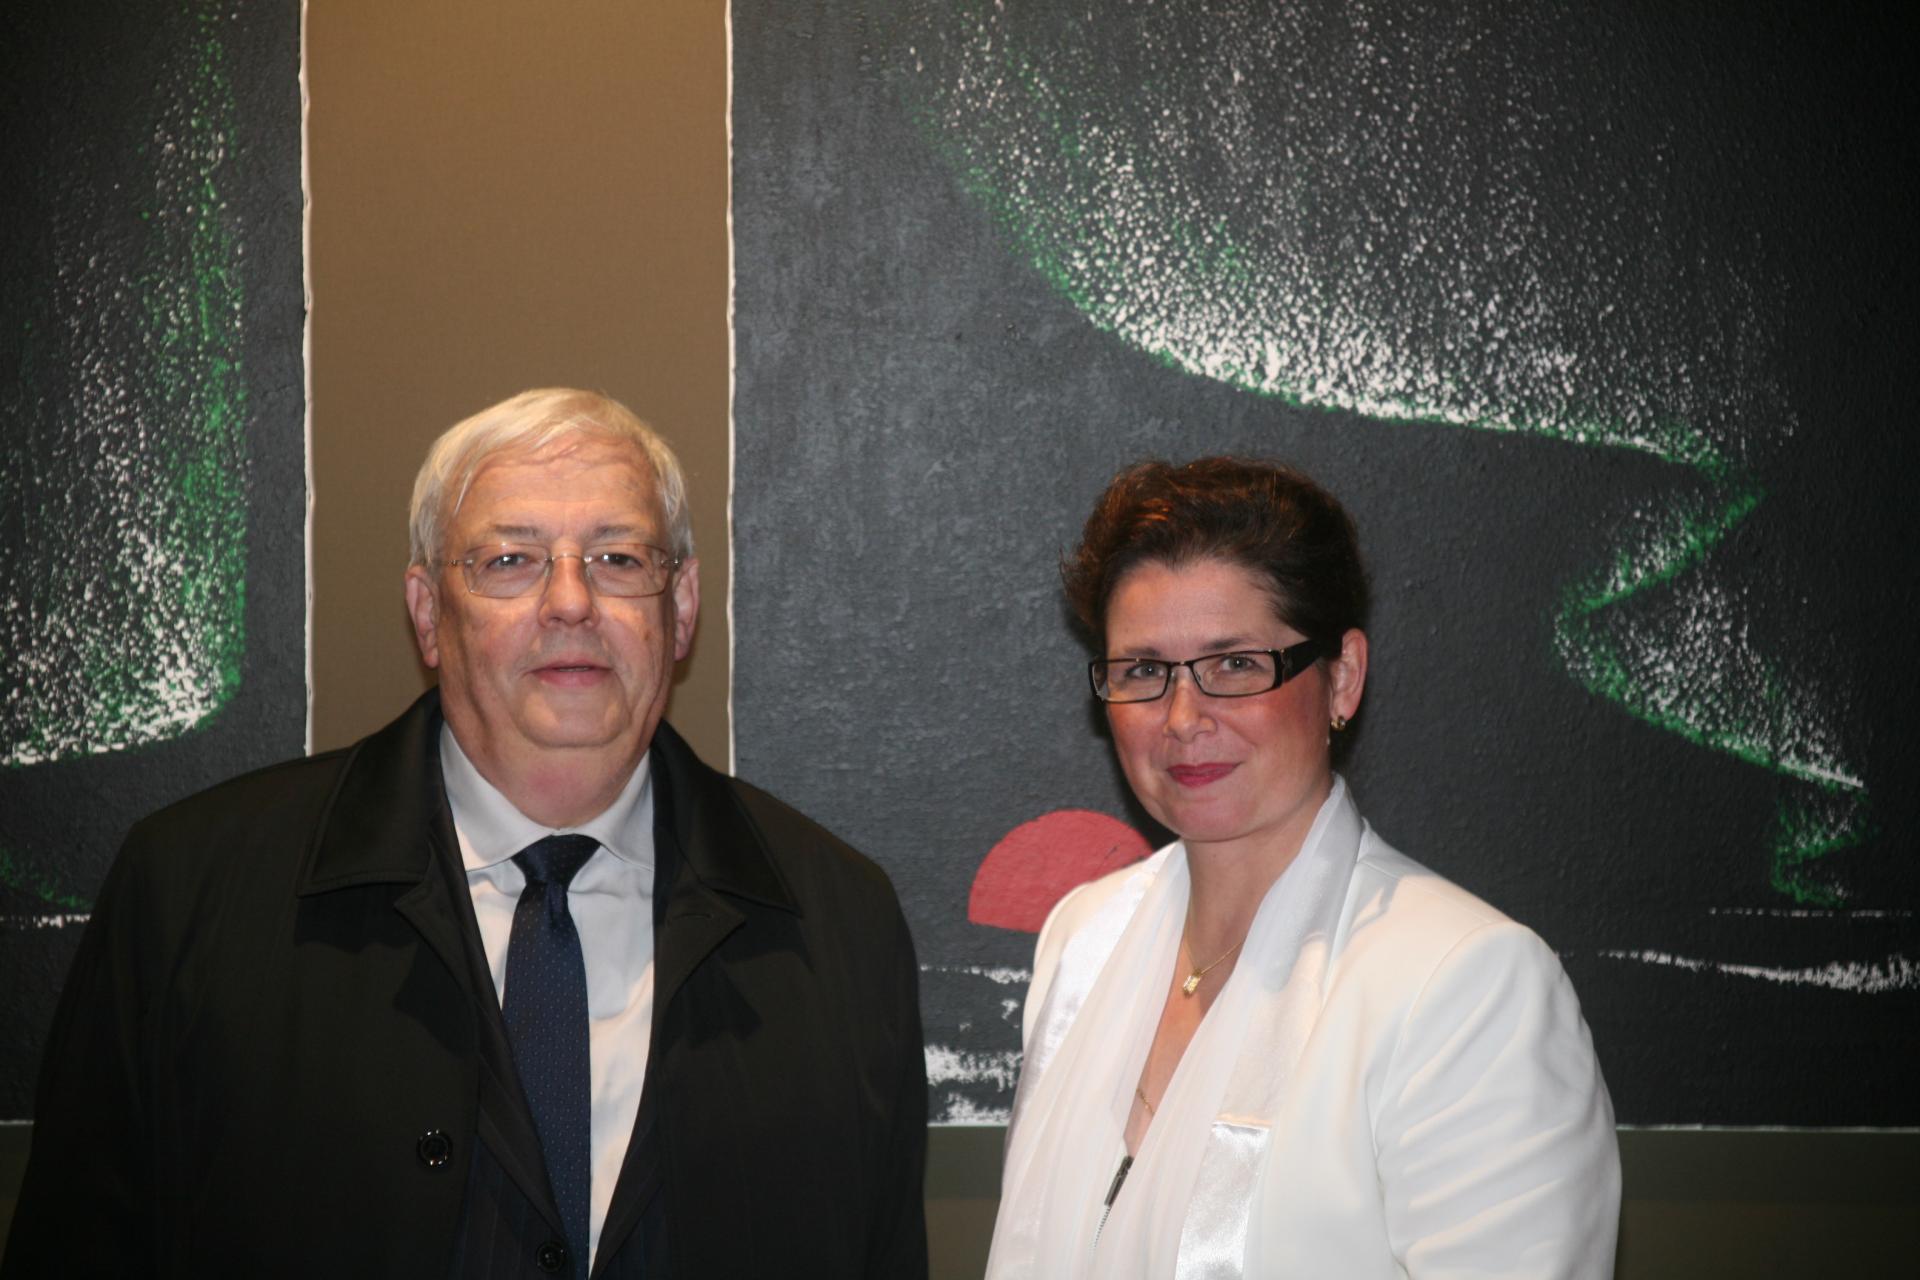 Jean pierre pluyaud adjoint au maire de montigny et vice president de la communaute d aglomeration avec l artiste peintre verena von lichtenberg